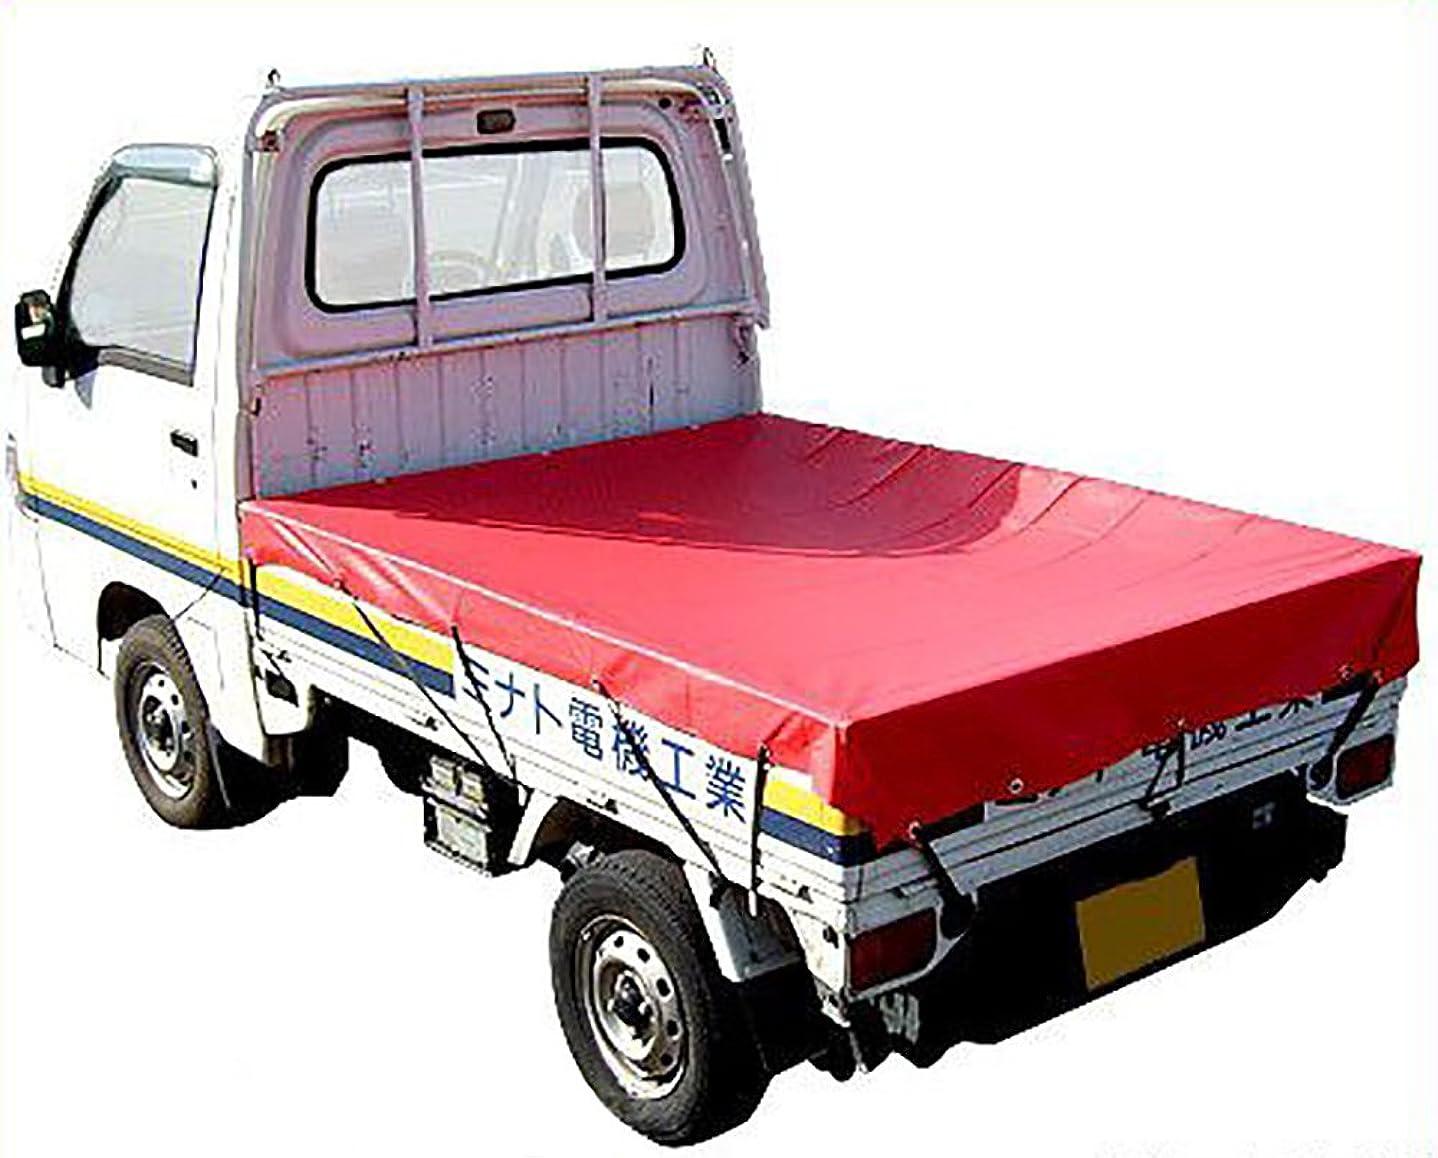 良心的ペックラッドヤードキップリングナンエイ 軽トラック用 荷台シート レッド (ゴムバンド付き) TS-10